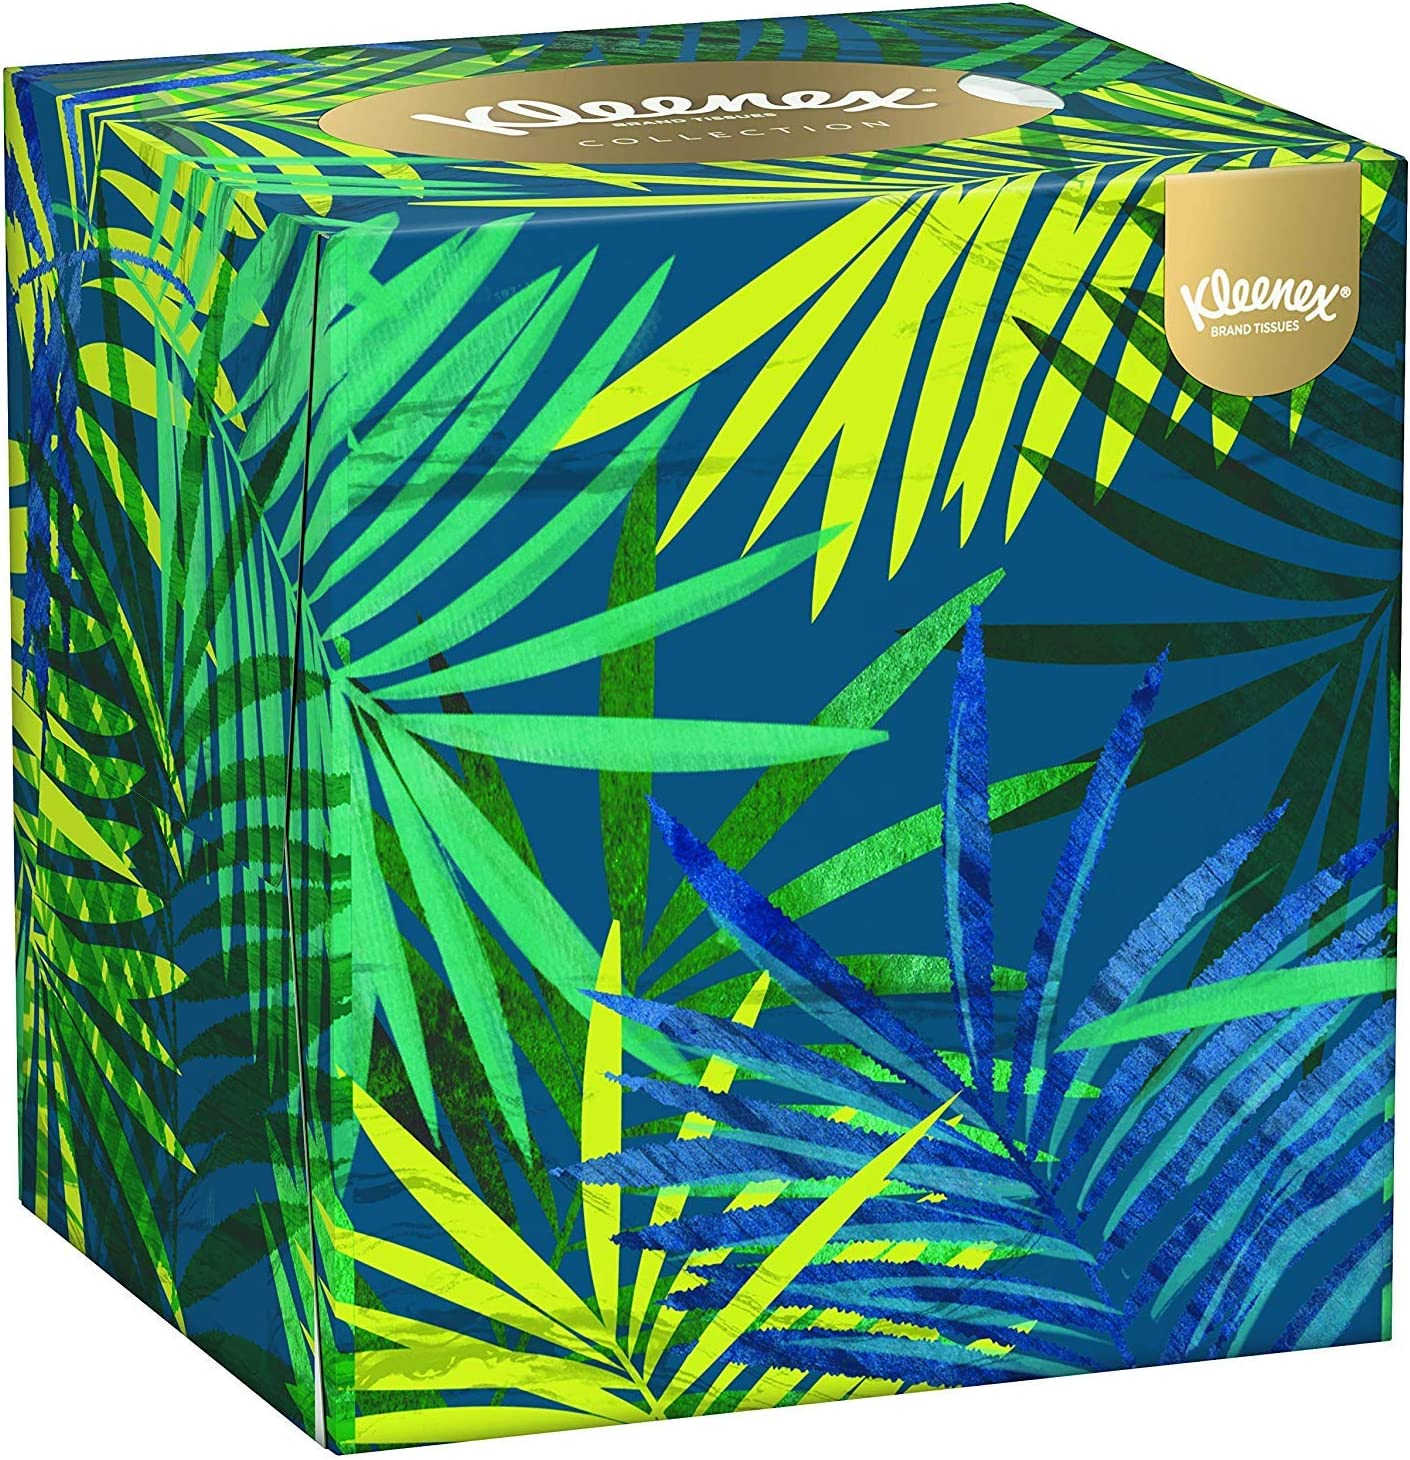 Kleenex Collection Pañuelos Faciales - 56 Unidades: Amazon.es: Salud y cuidado personal